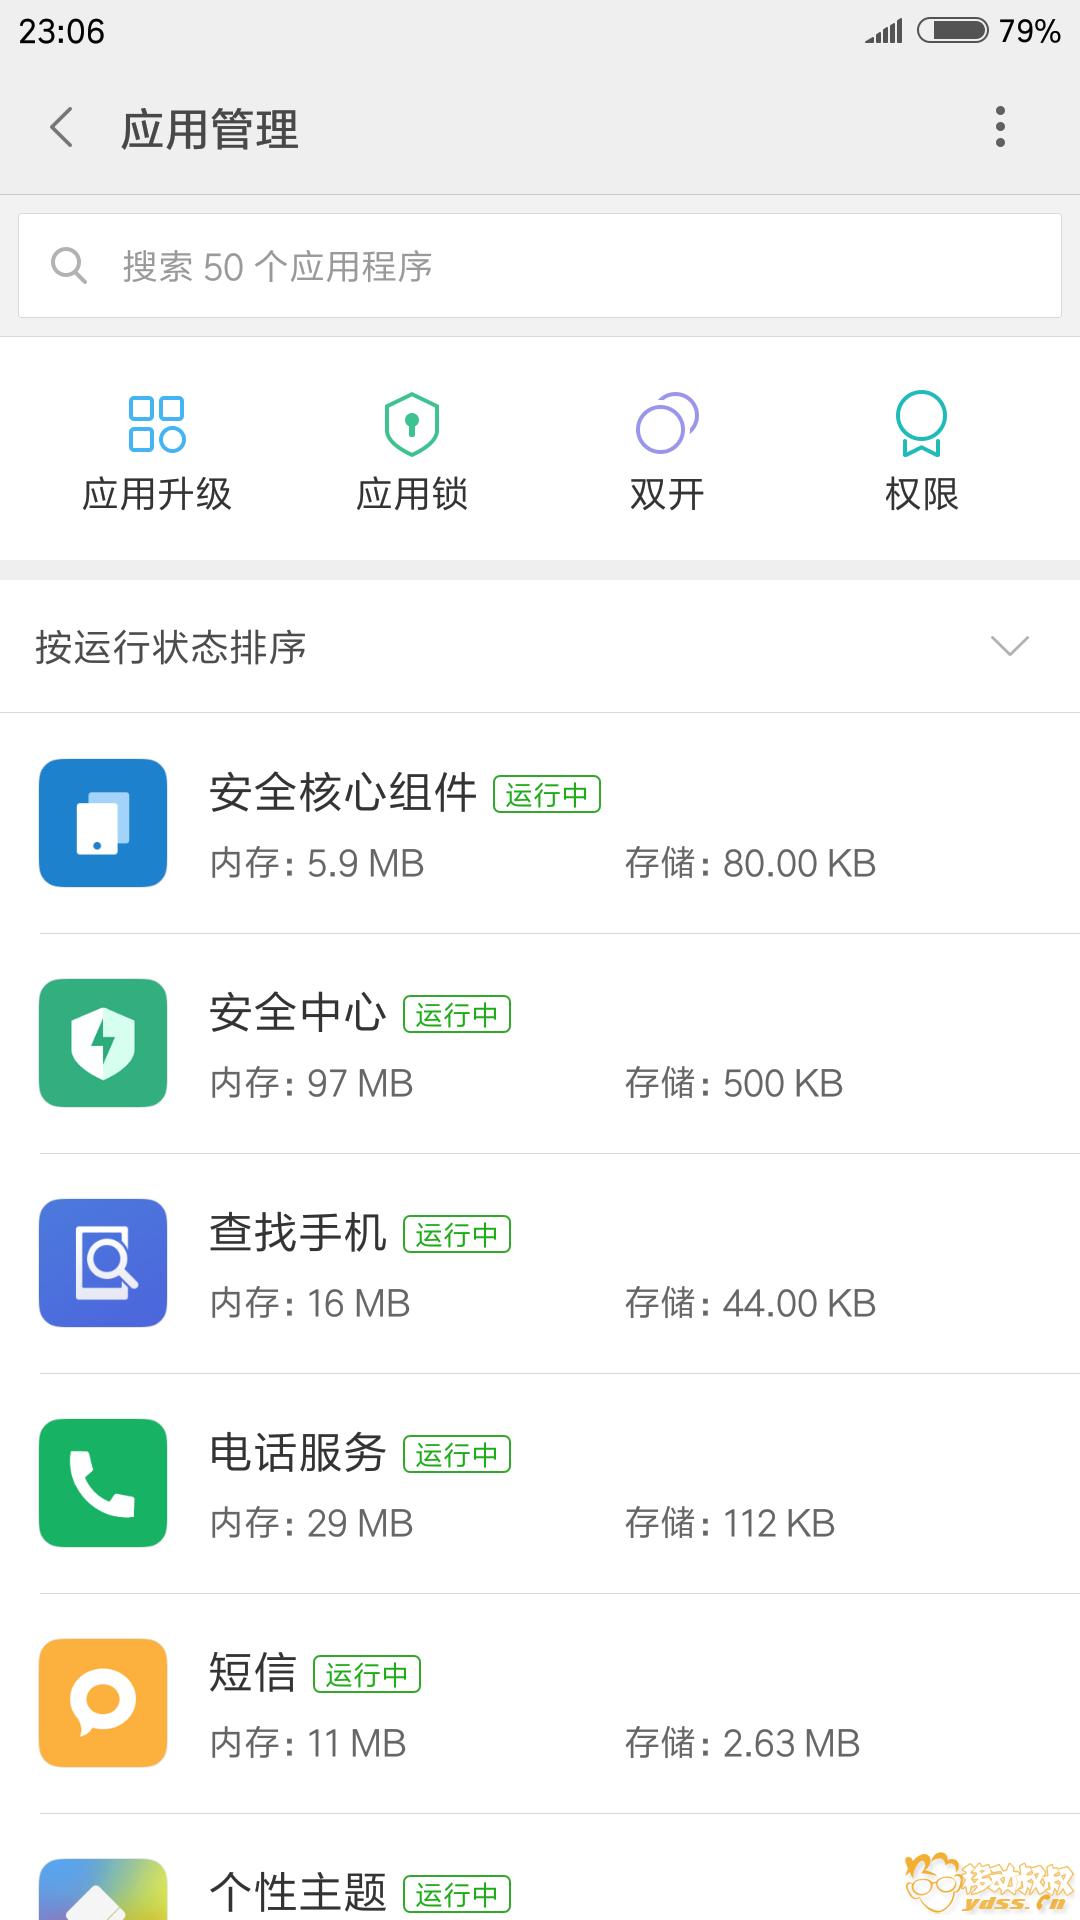 Screenshot_2017-12-16-23-06-37-058_com.miui.securitycenter.png